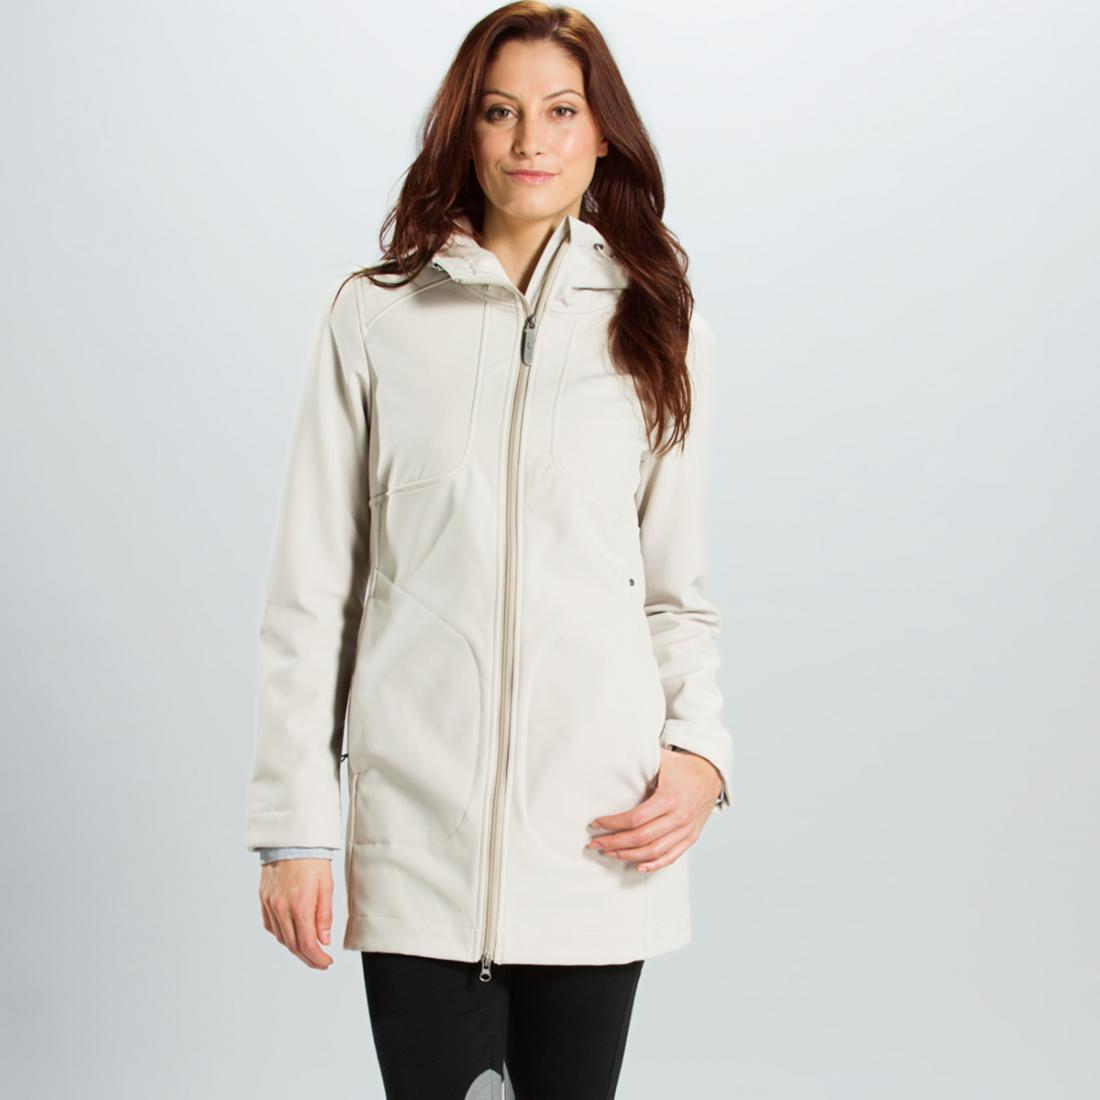 Куртка LUW0197 MUSE JACKETКуртки<br><br> Практичная вещь для межсезонья – куртка Muse отличается мягким подкладом, приятным на ощупь. Мембранная пропитка защитит от дождя и ветра, что является обязательным требованиям к вещам для осени и весны.<br><br><br><br><br>Плащ с фронталь...<br><br>Цвет: Белый<br>Размер: M